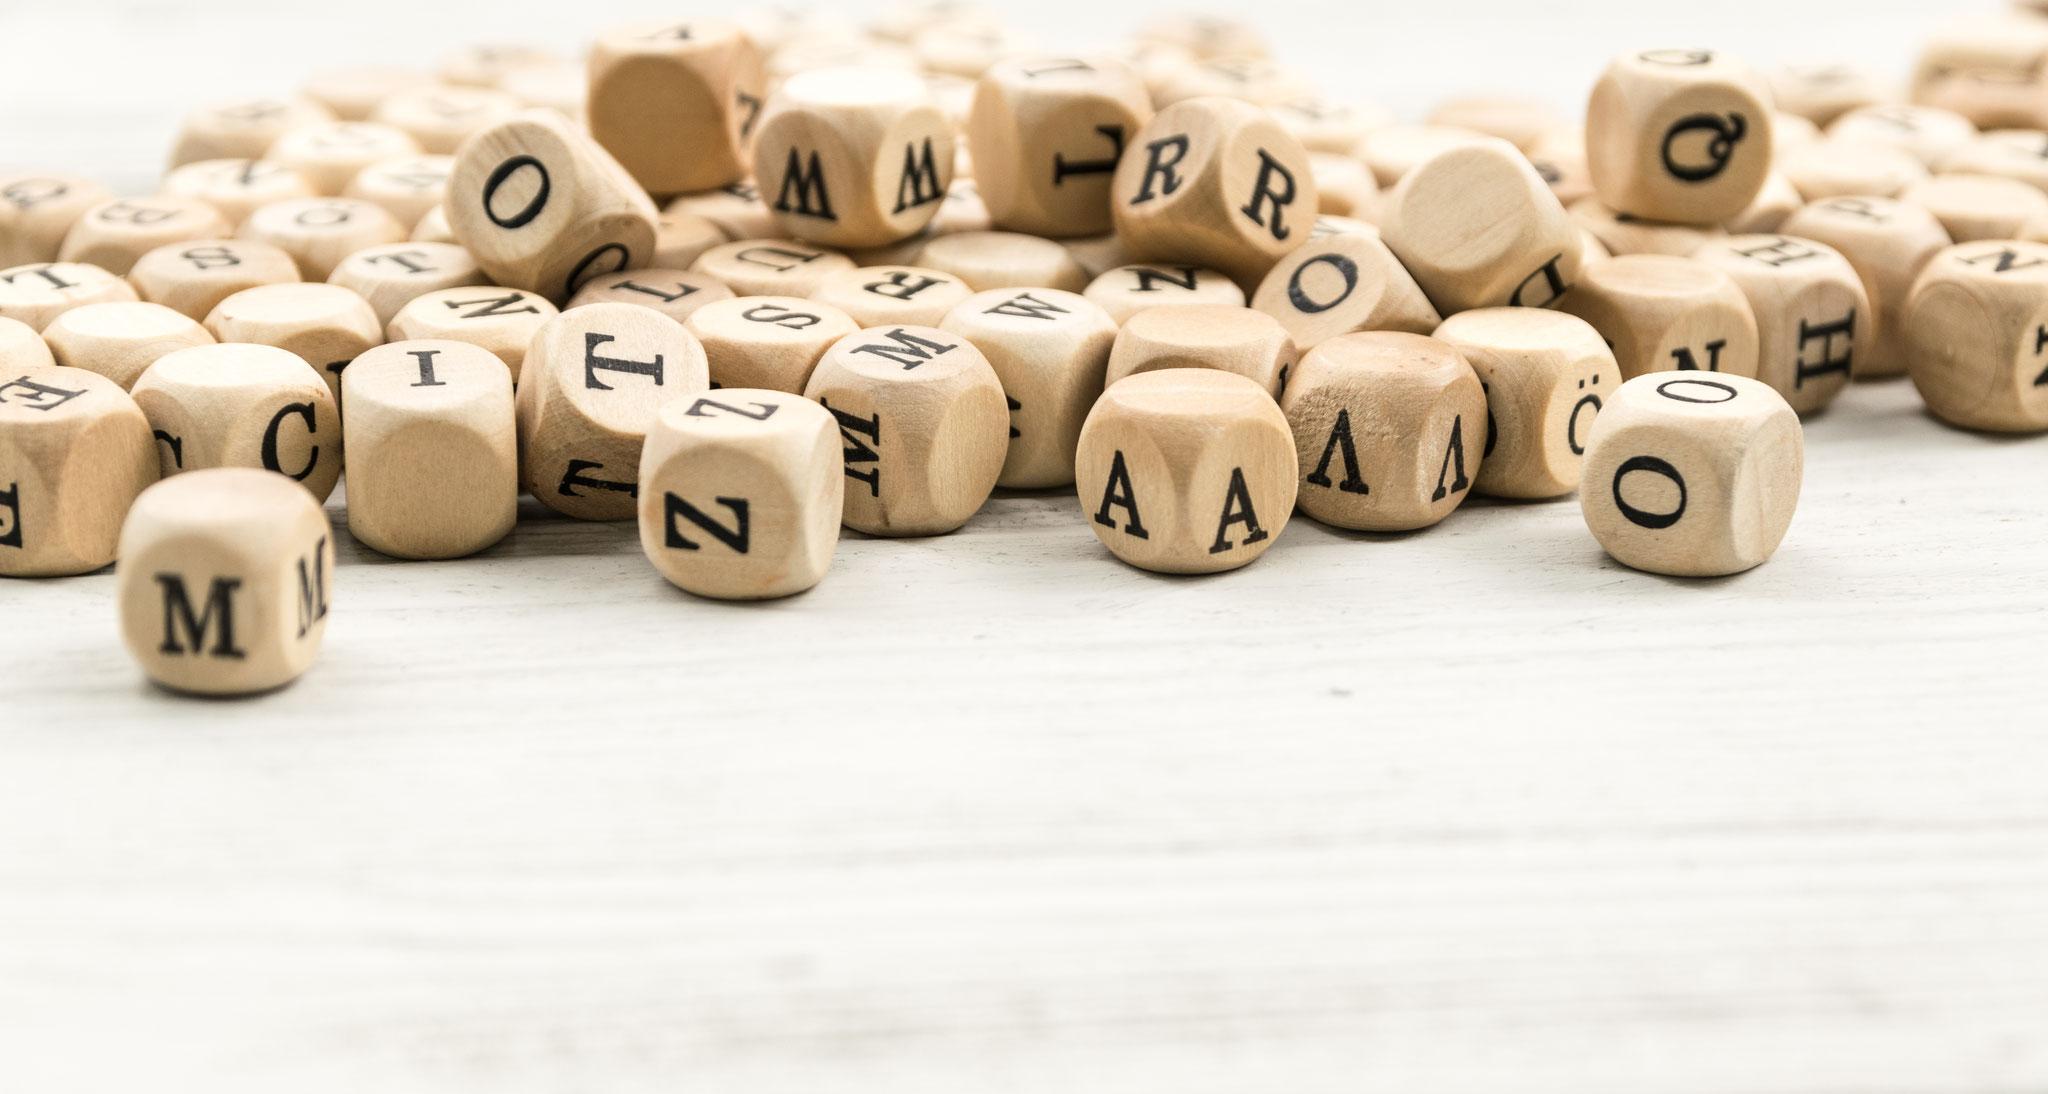 Für schätzungsweise 320.000 Erwachsene in Berlin sind Buchstaben eine Qual. © Fiedels, Adobe Stock